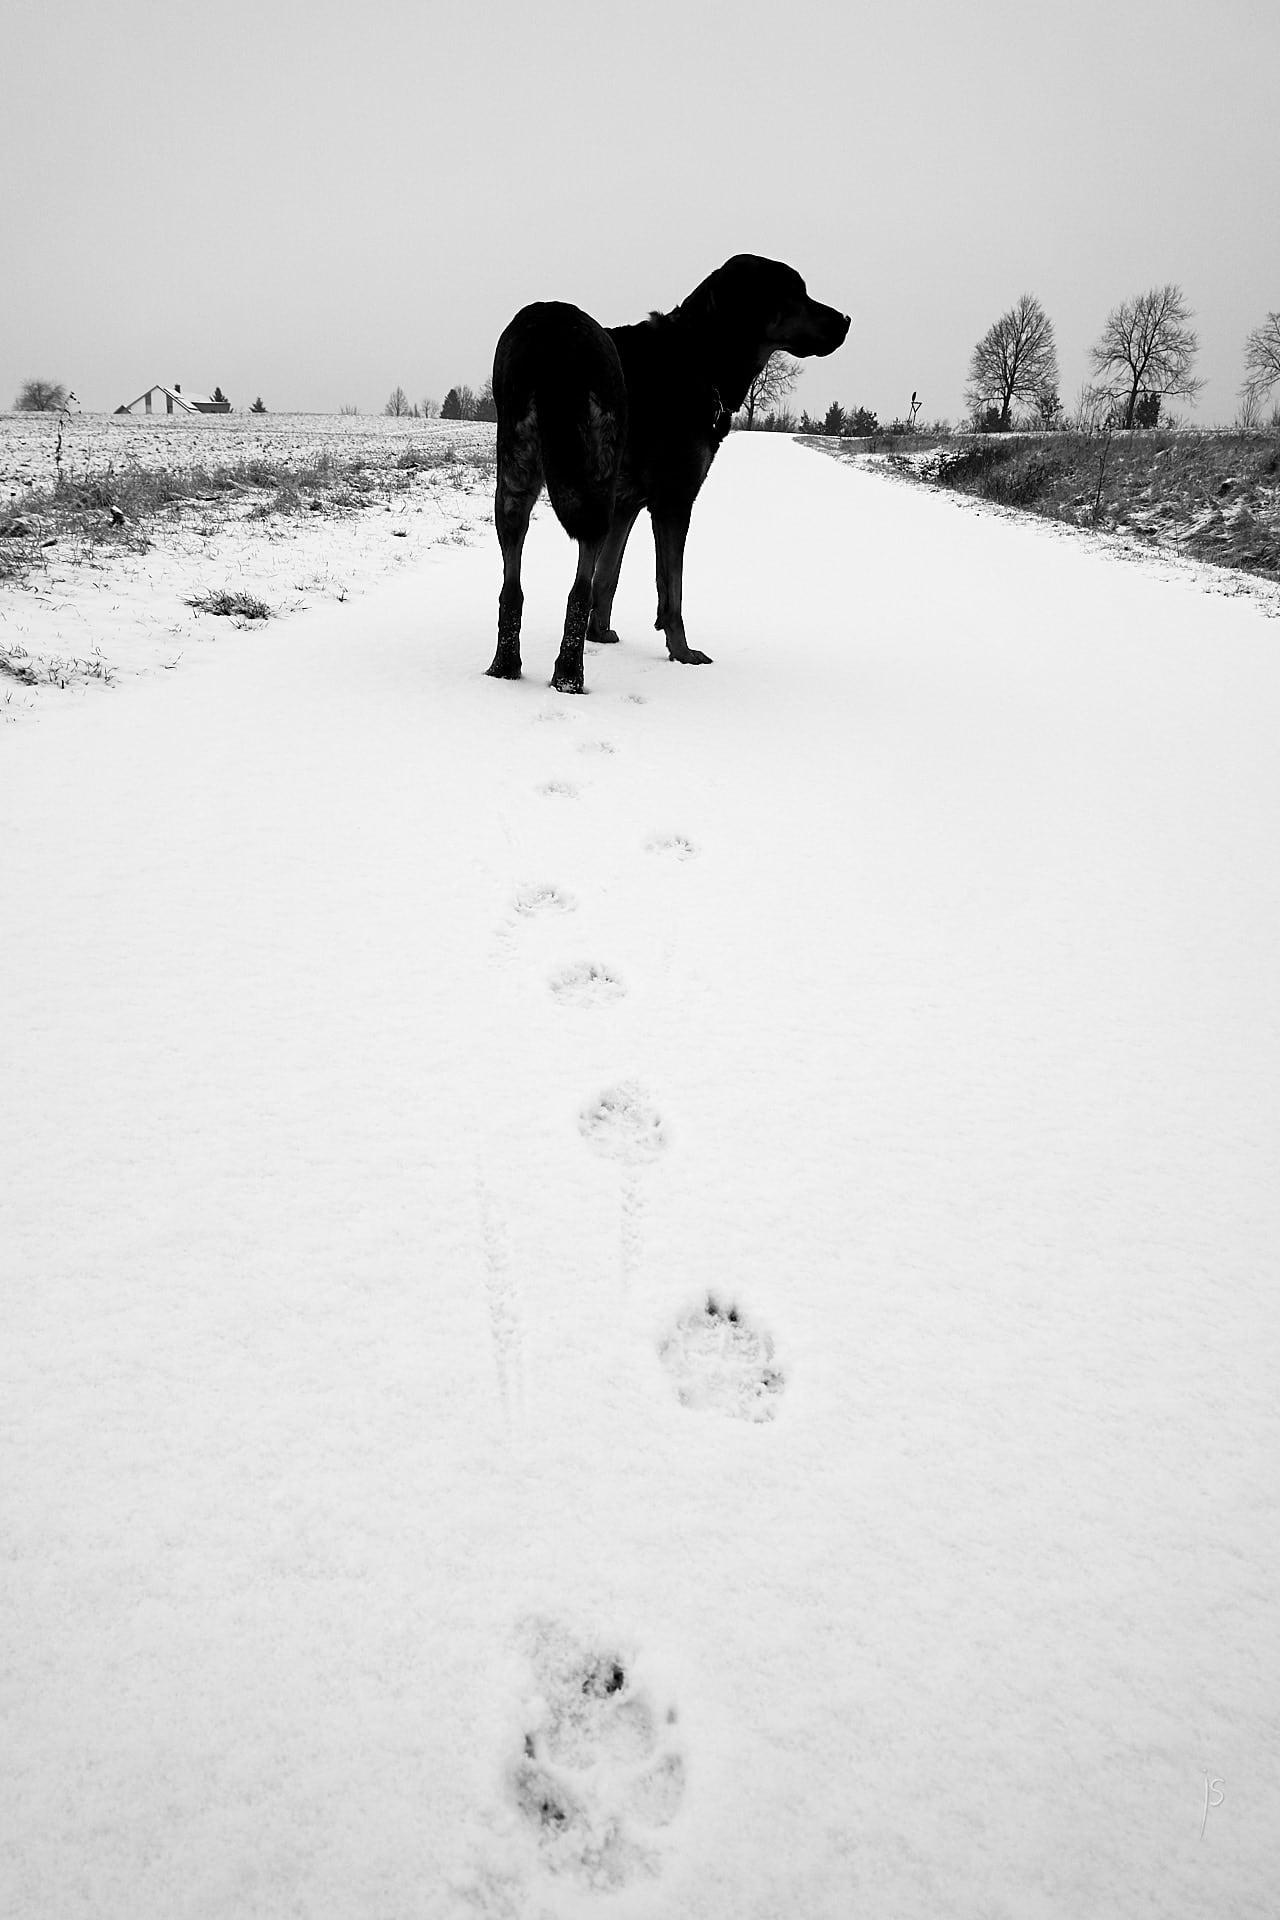 003 - Spuren im Schnee